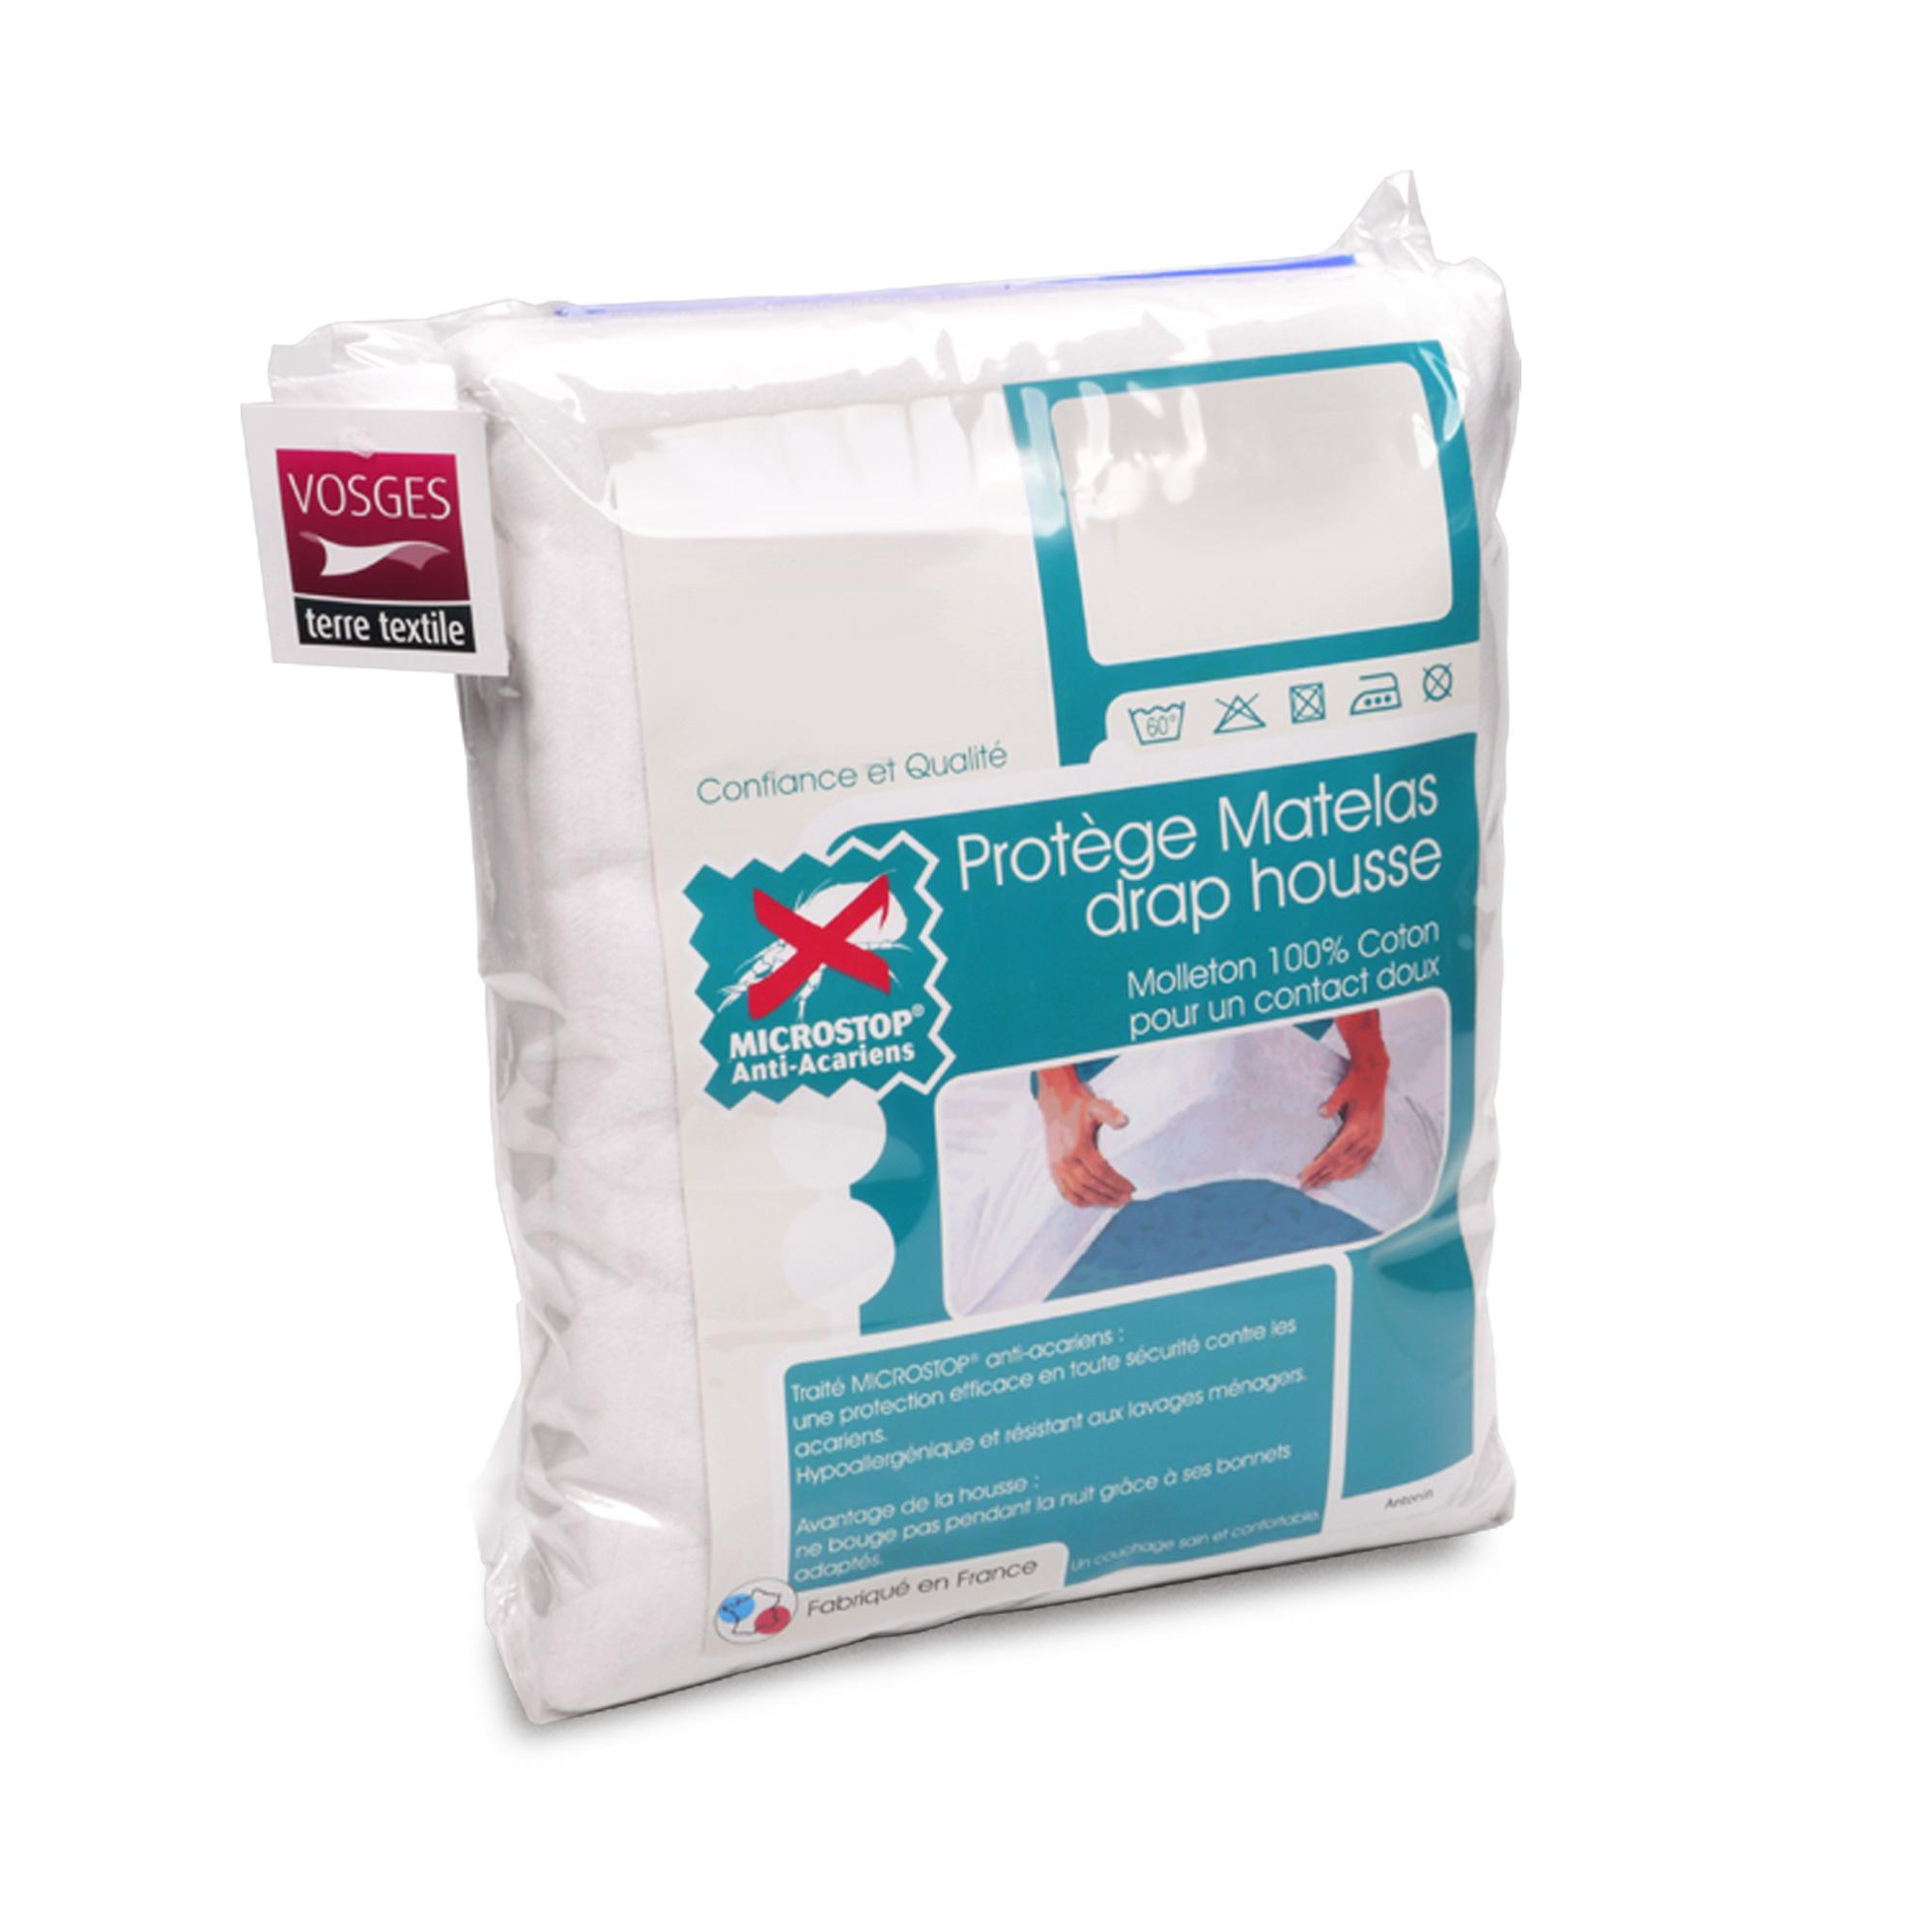 drap housse anti acariens efficace Protège matelas 70x190 cm ANTONIN   Molleton absorbant, traité  drap housse anti acariens efficace